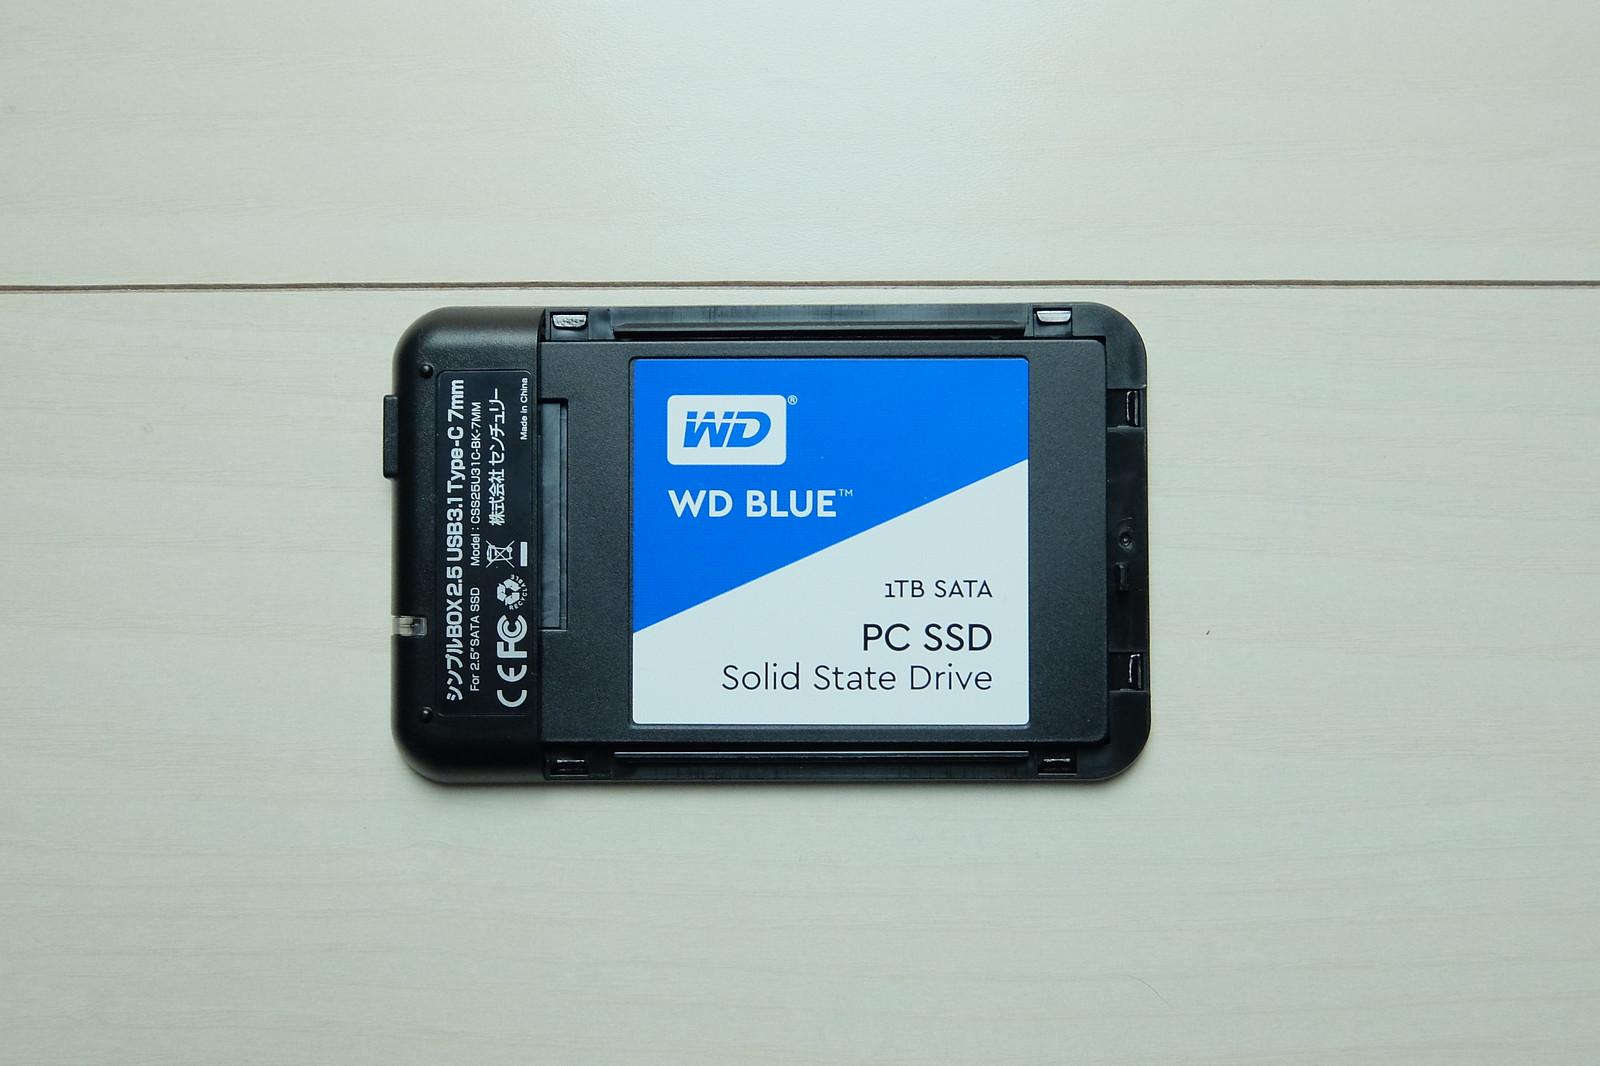 WD SSD + CENTURY SSD Case